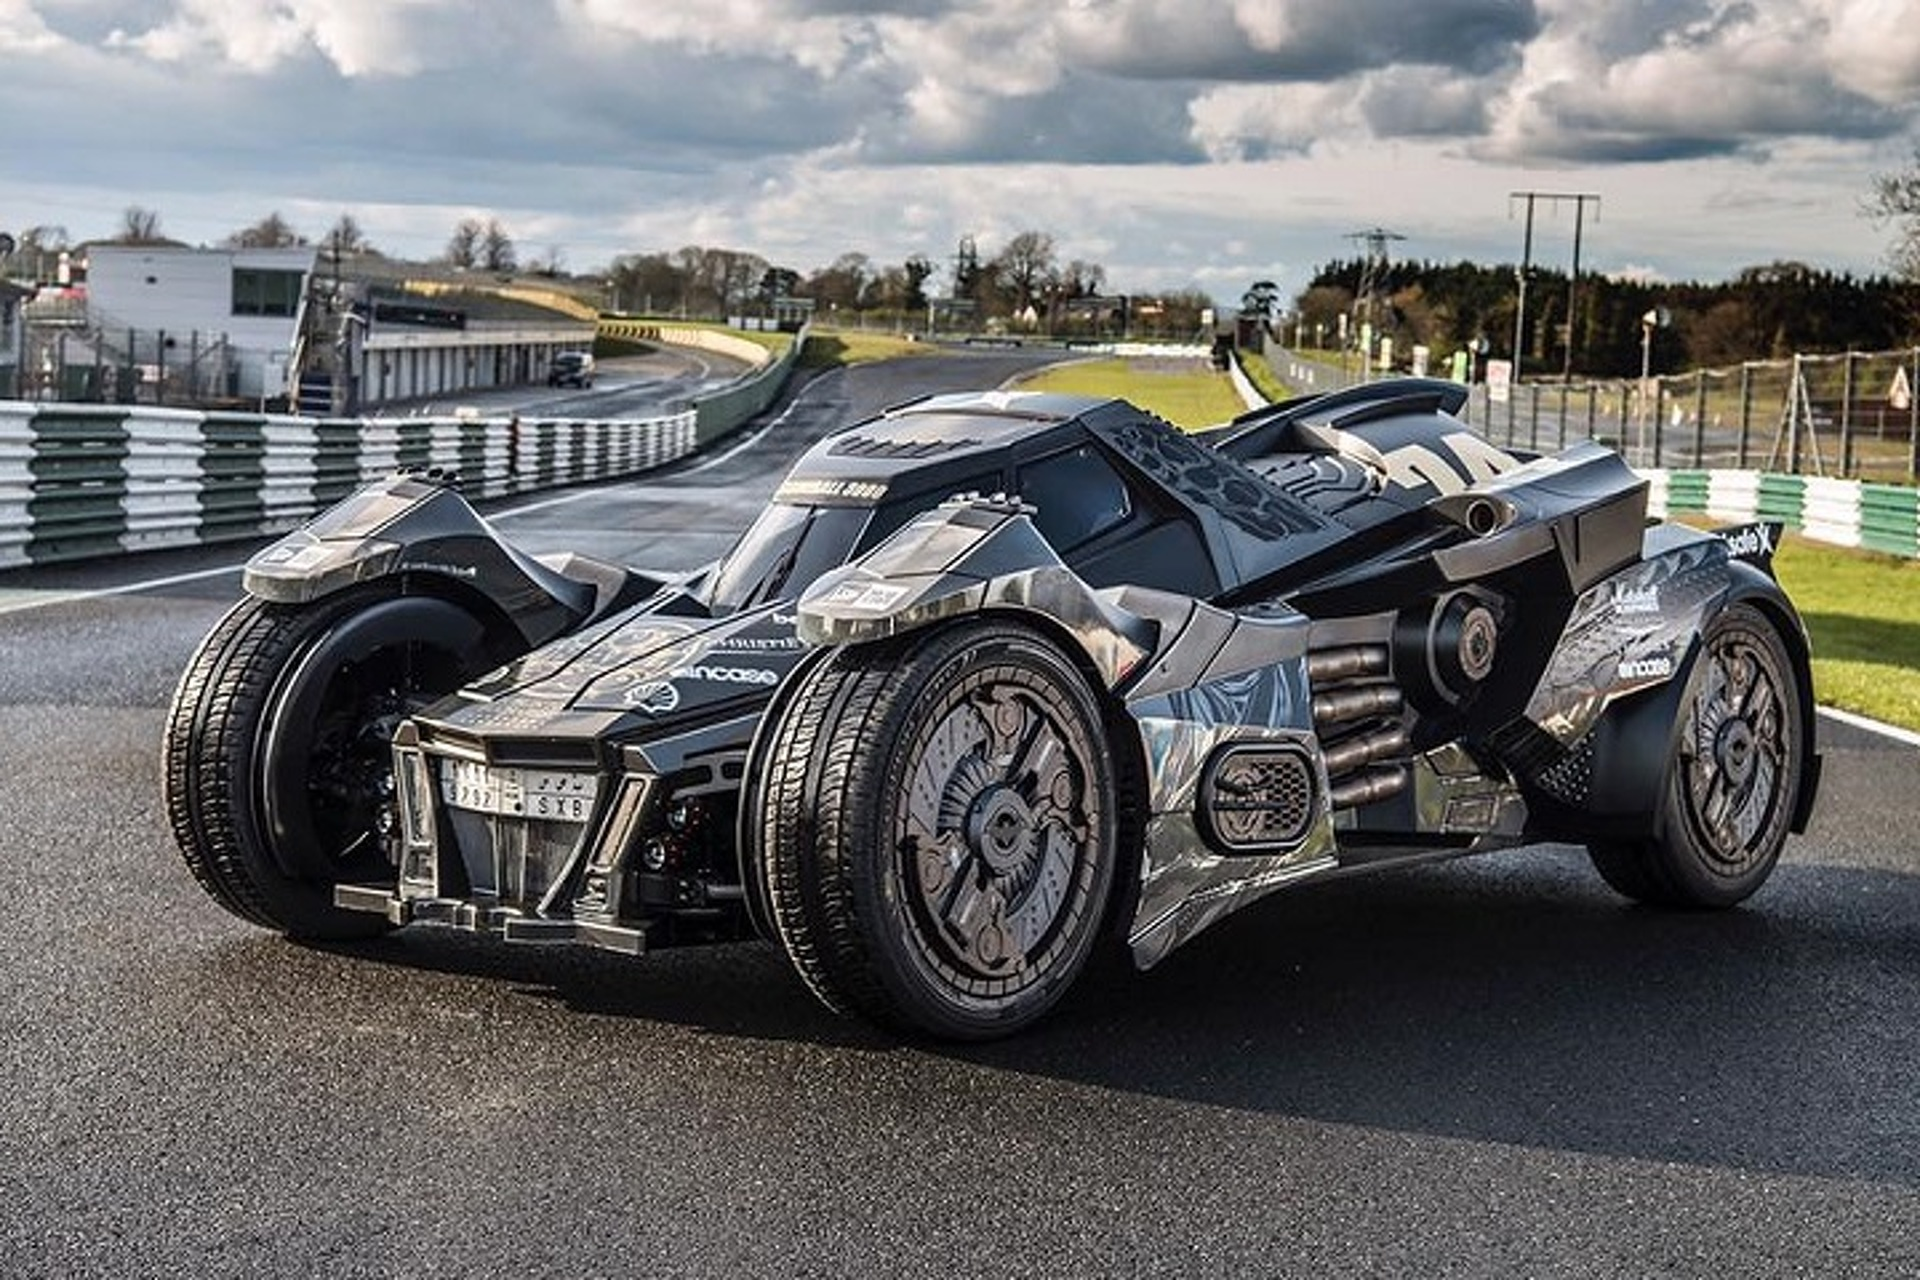 Big, Bad Custom Batmobile Debuts at Gumball 3000